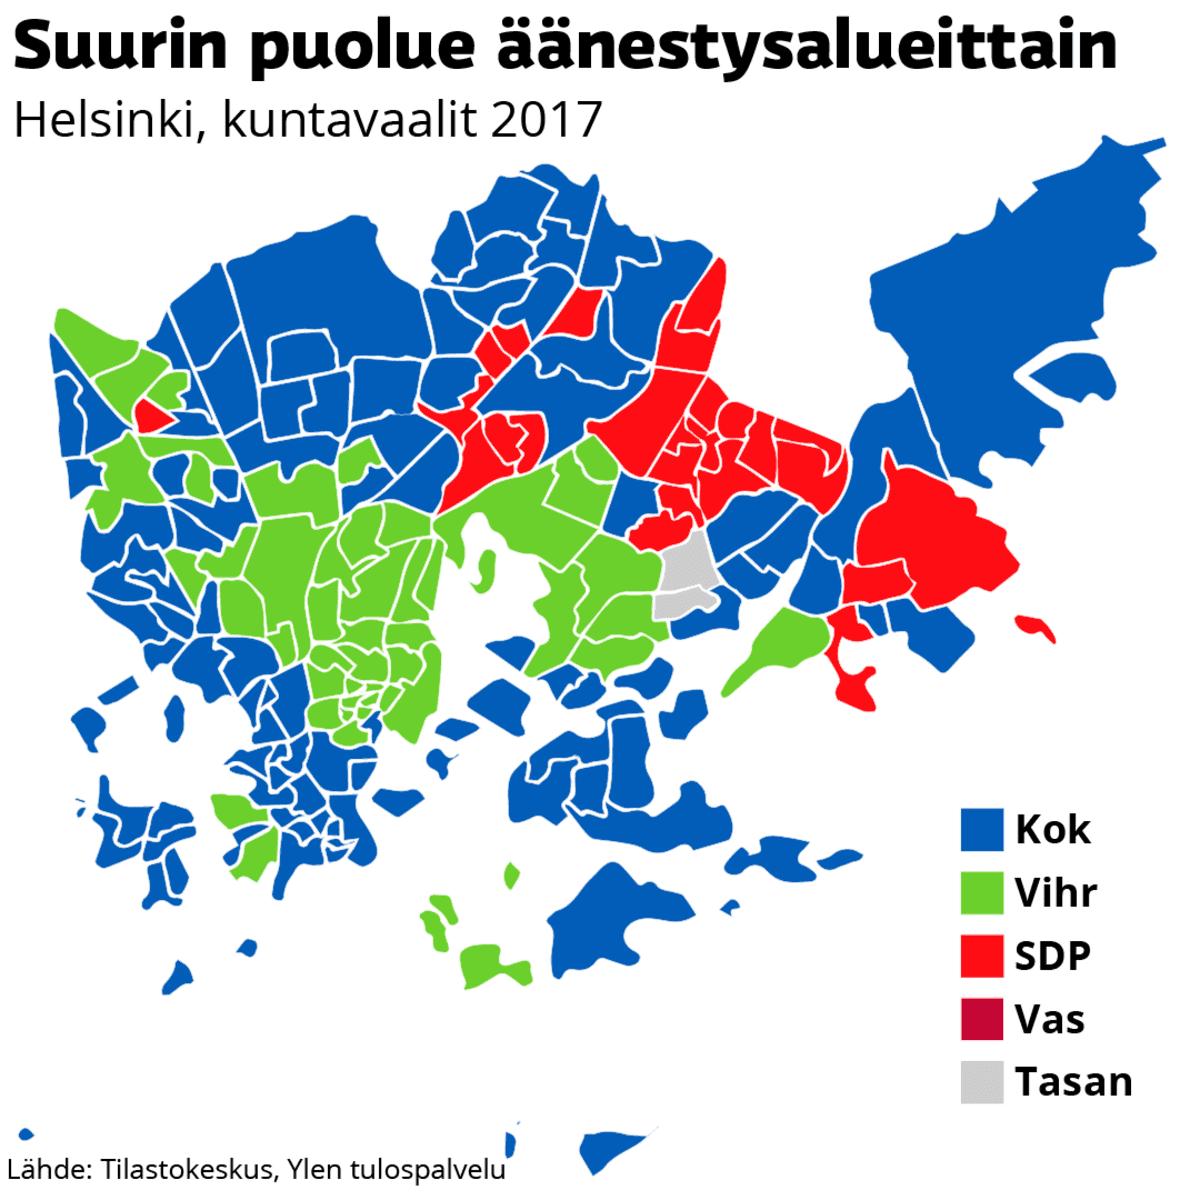 Suurin puolue äänestysalueittain Helsingissä, kuntavaalit 2017, grafiikka